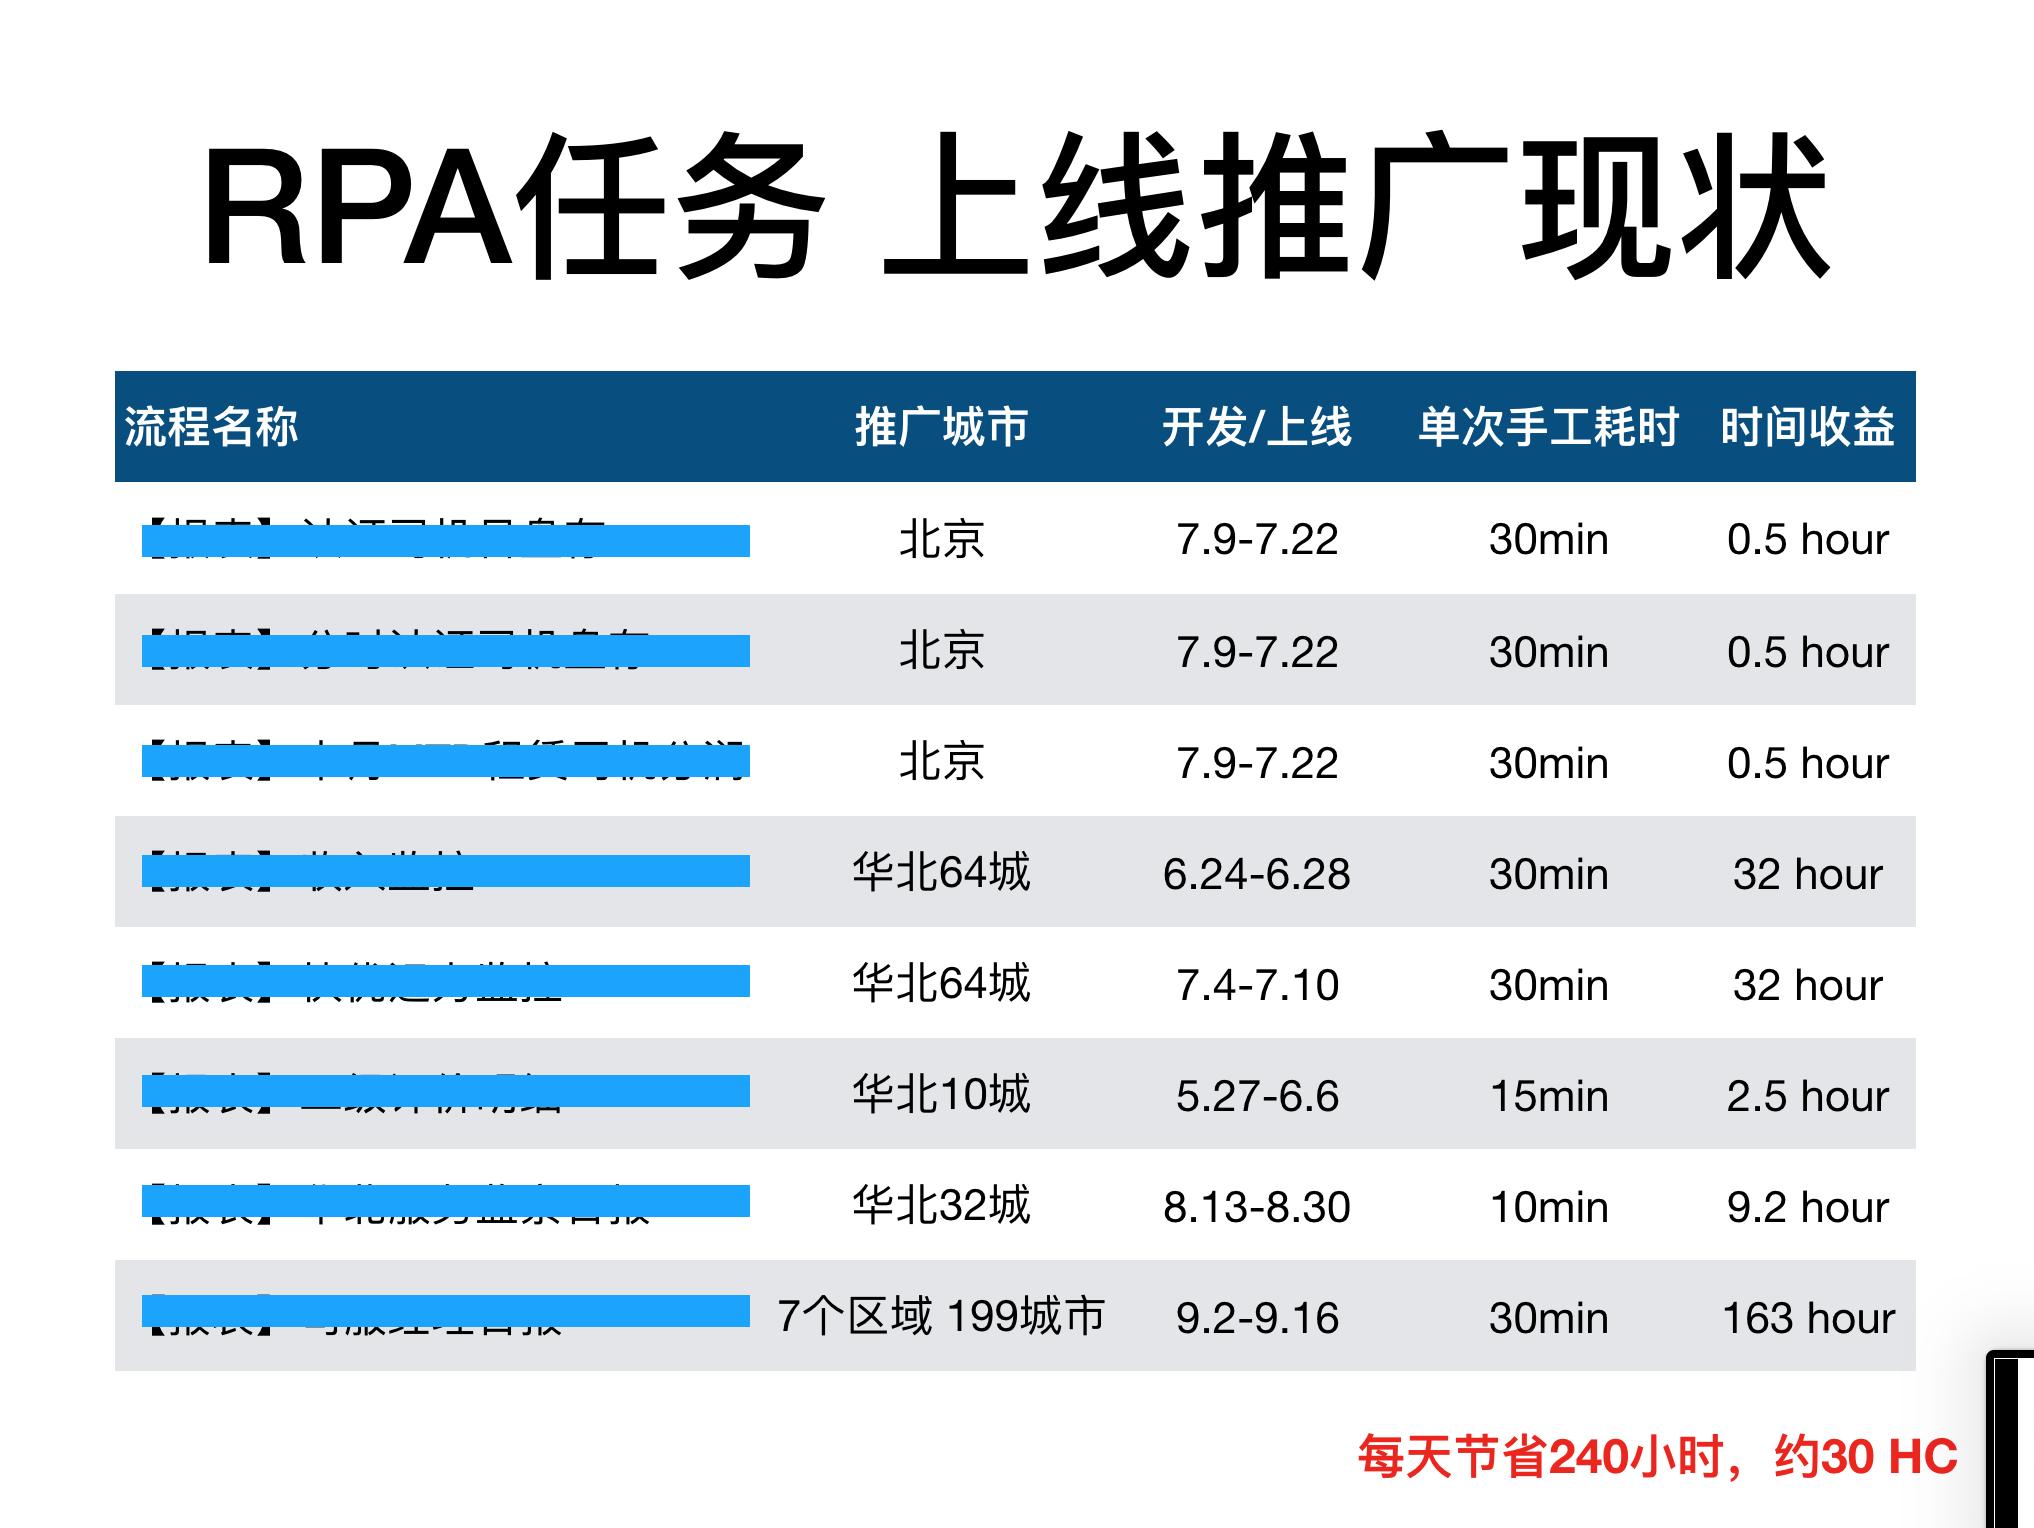 RPA(虚拟员工)在互联网公司的应用插图(6)